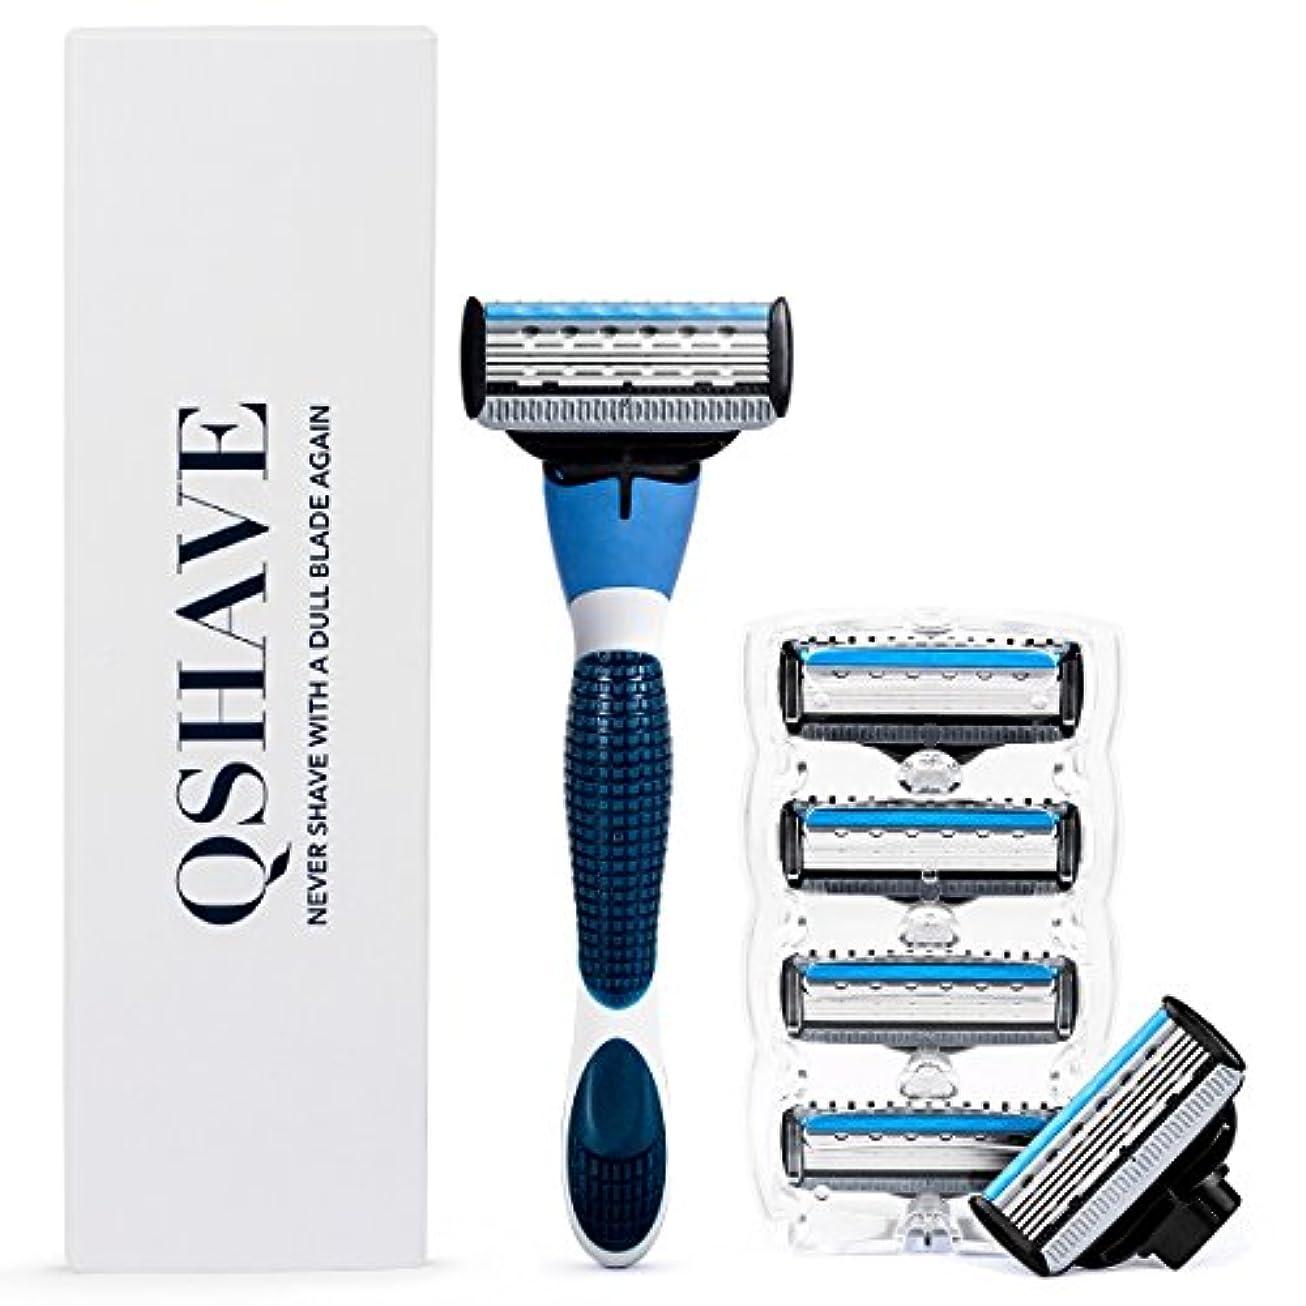 団結出会いチャネルQSHAVEのブルーシリーズ、男性用マニュアルシェービングカミソリは替刃X5 (5枚刃) のカートリッジが。 (本体+替刃6コ付)